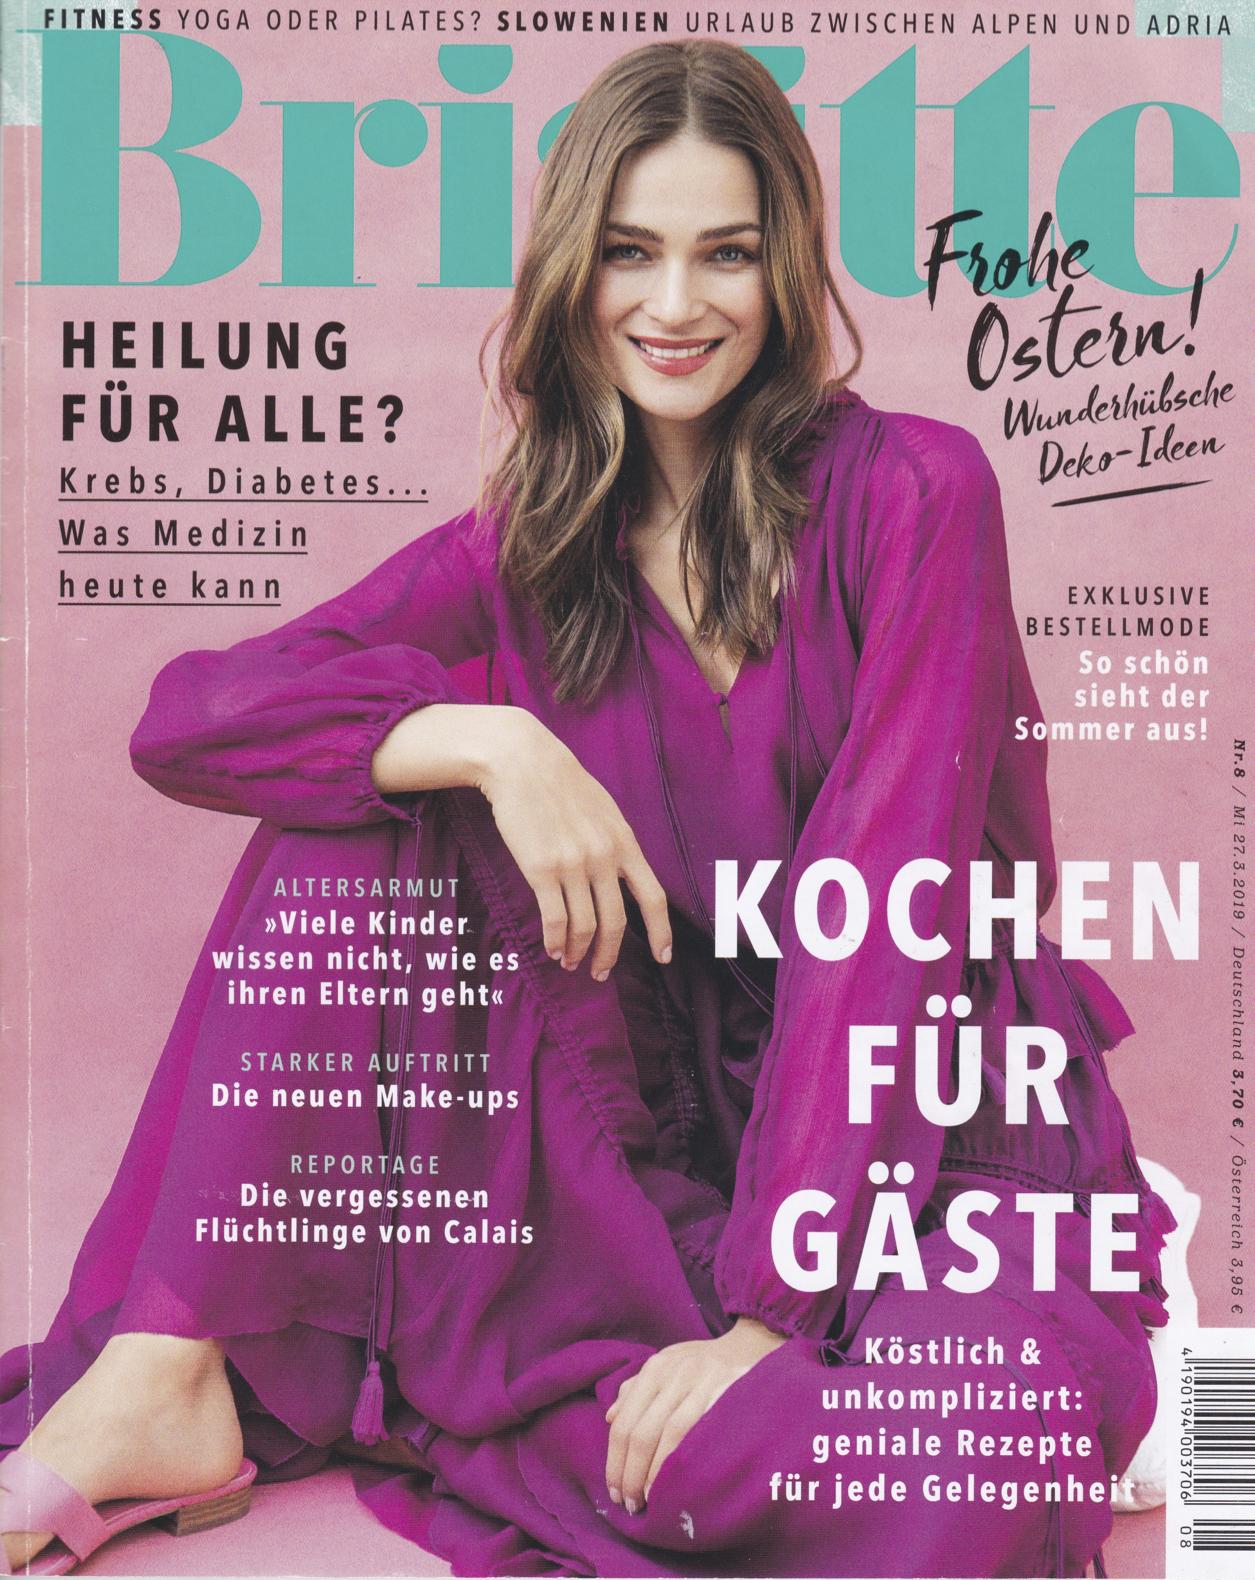 Brigitte_N.8:2019_Titelblatt 2.jpg